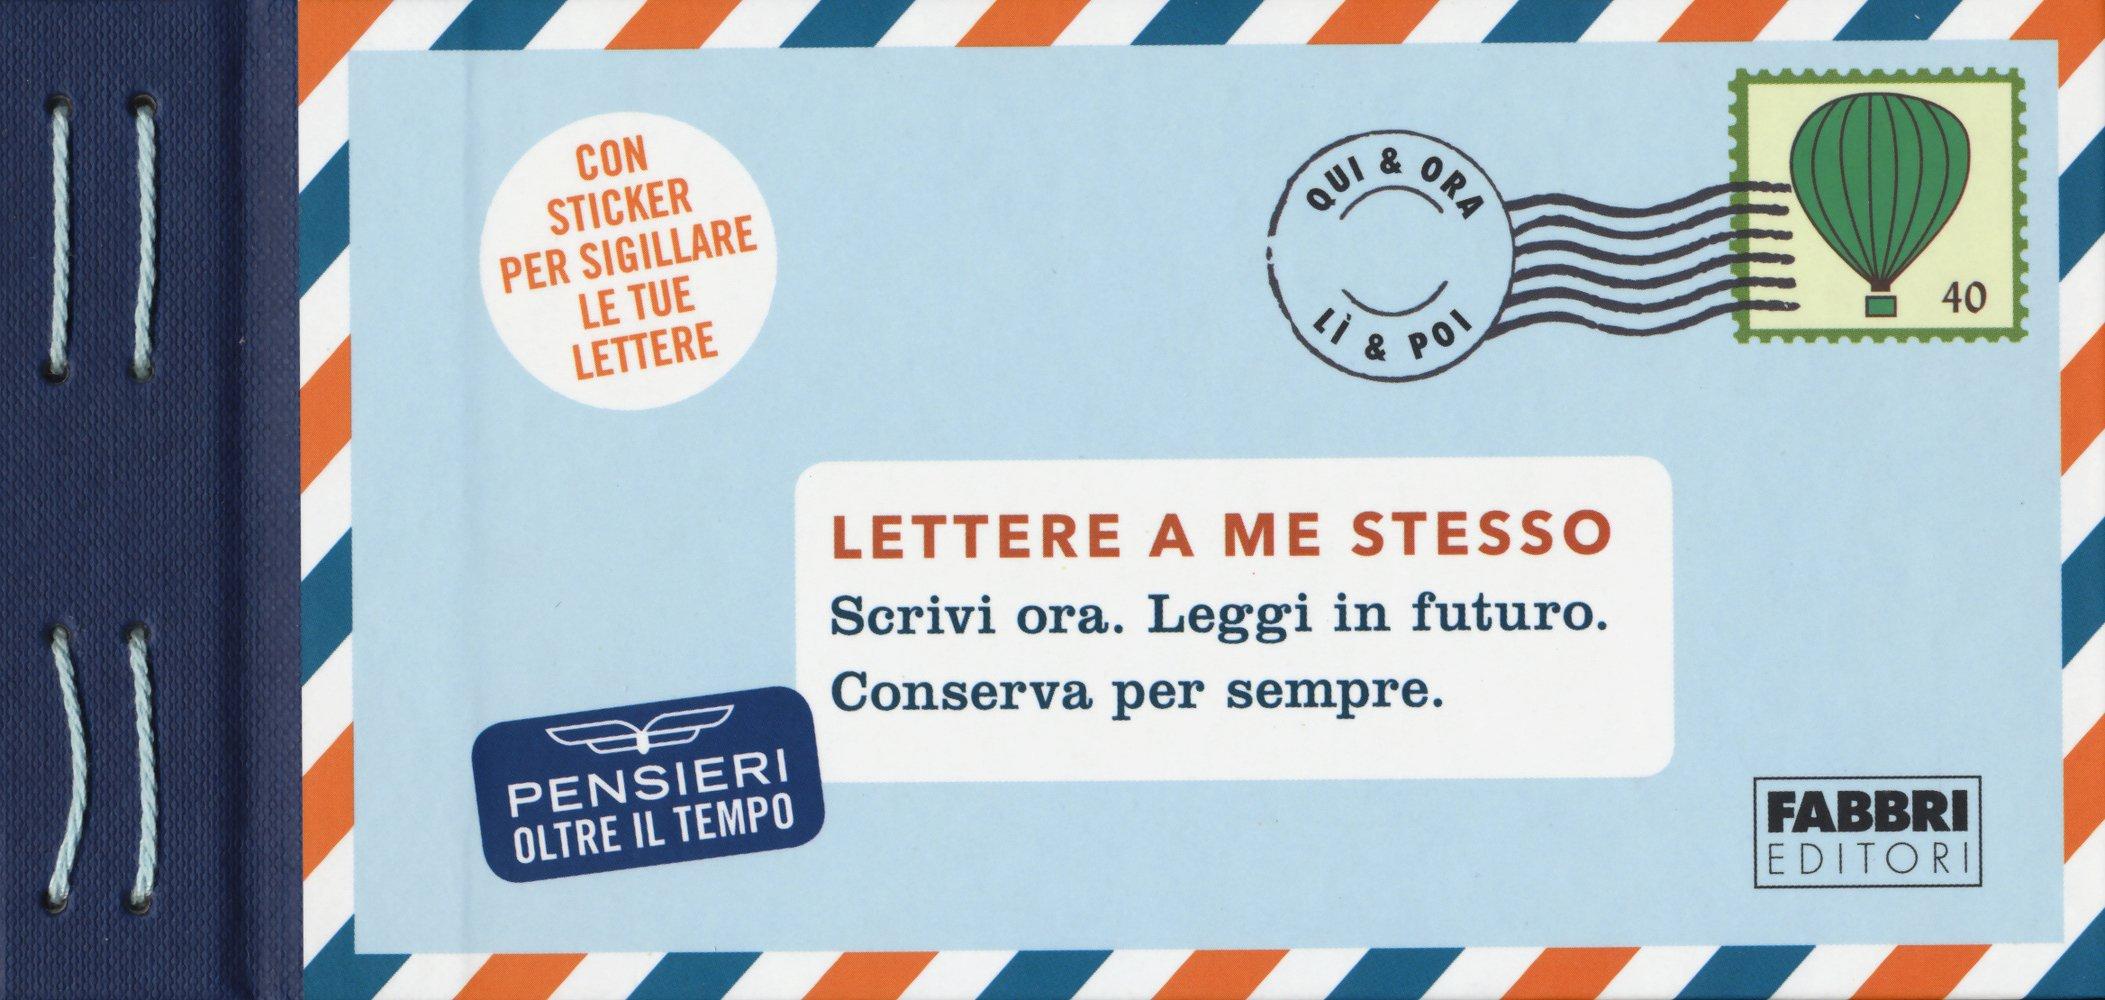 Lettere a me stesso